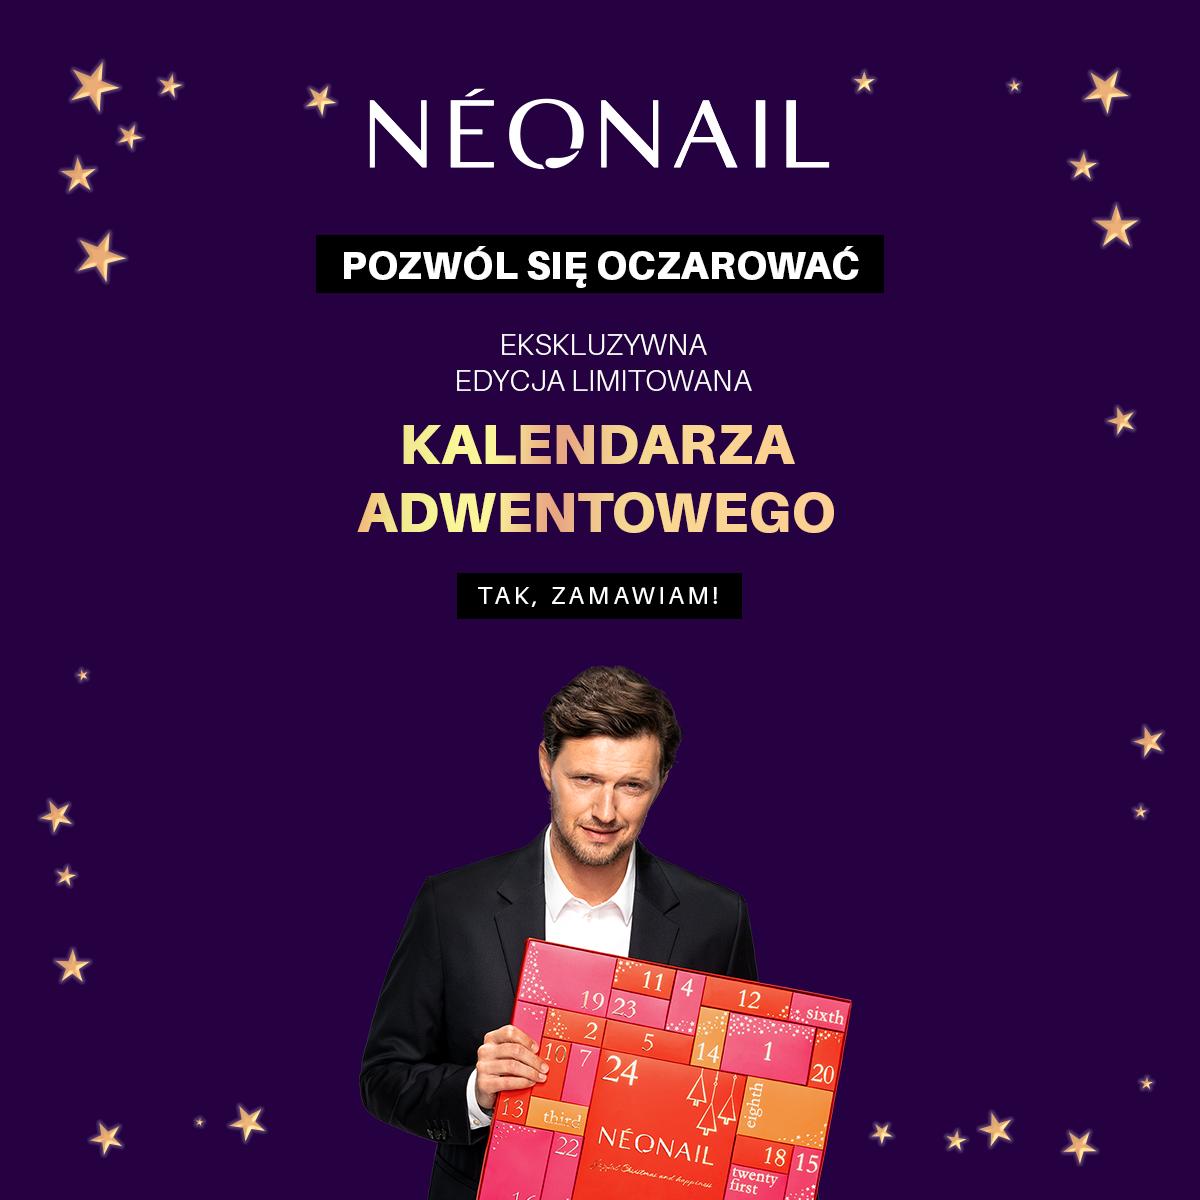 Kalendarz Adwentowy Neonail